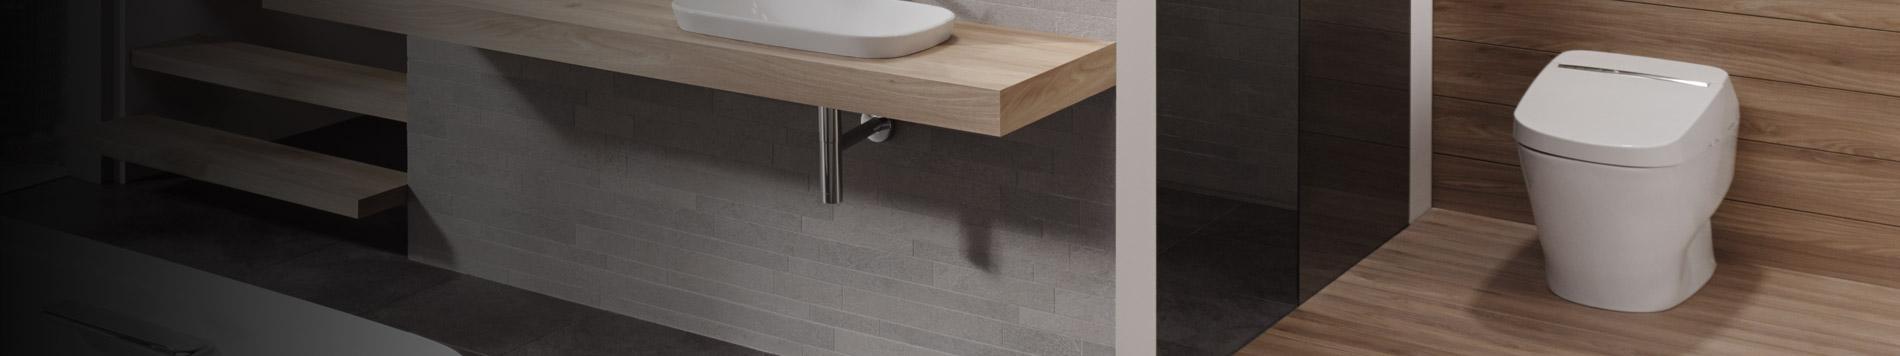 Toilettes - TotoUSA.com